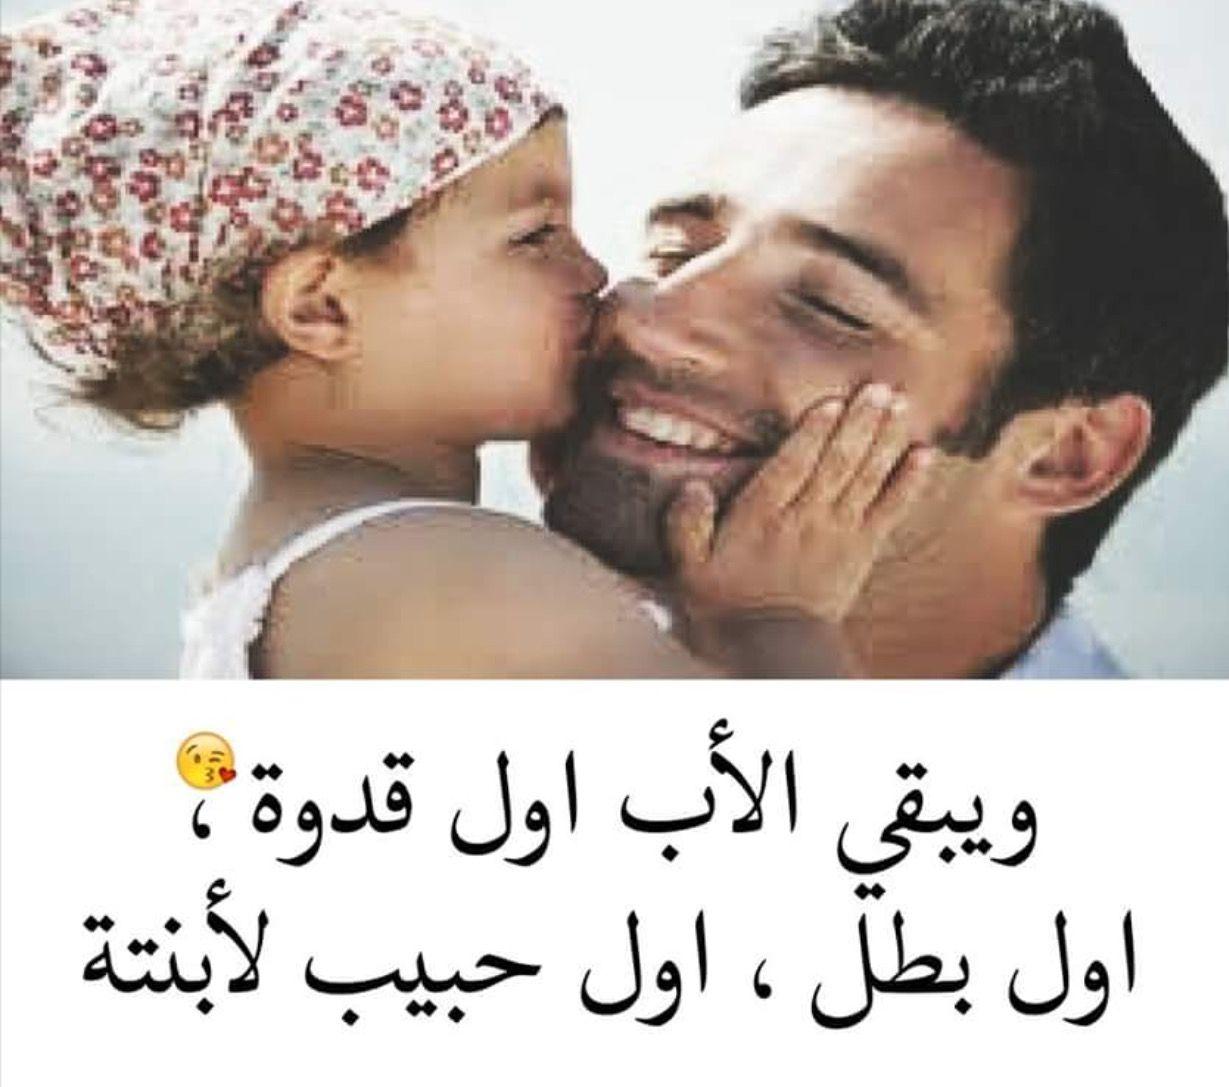 صورة خواطر عن الاب , كلمات في الصميم عن الاب